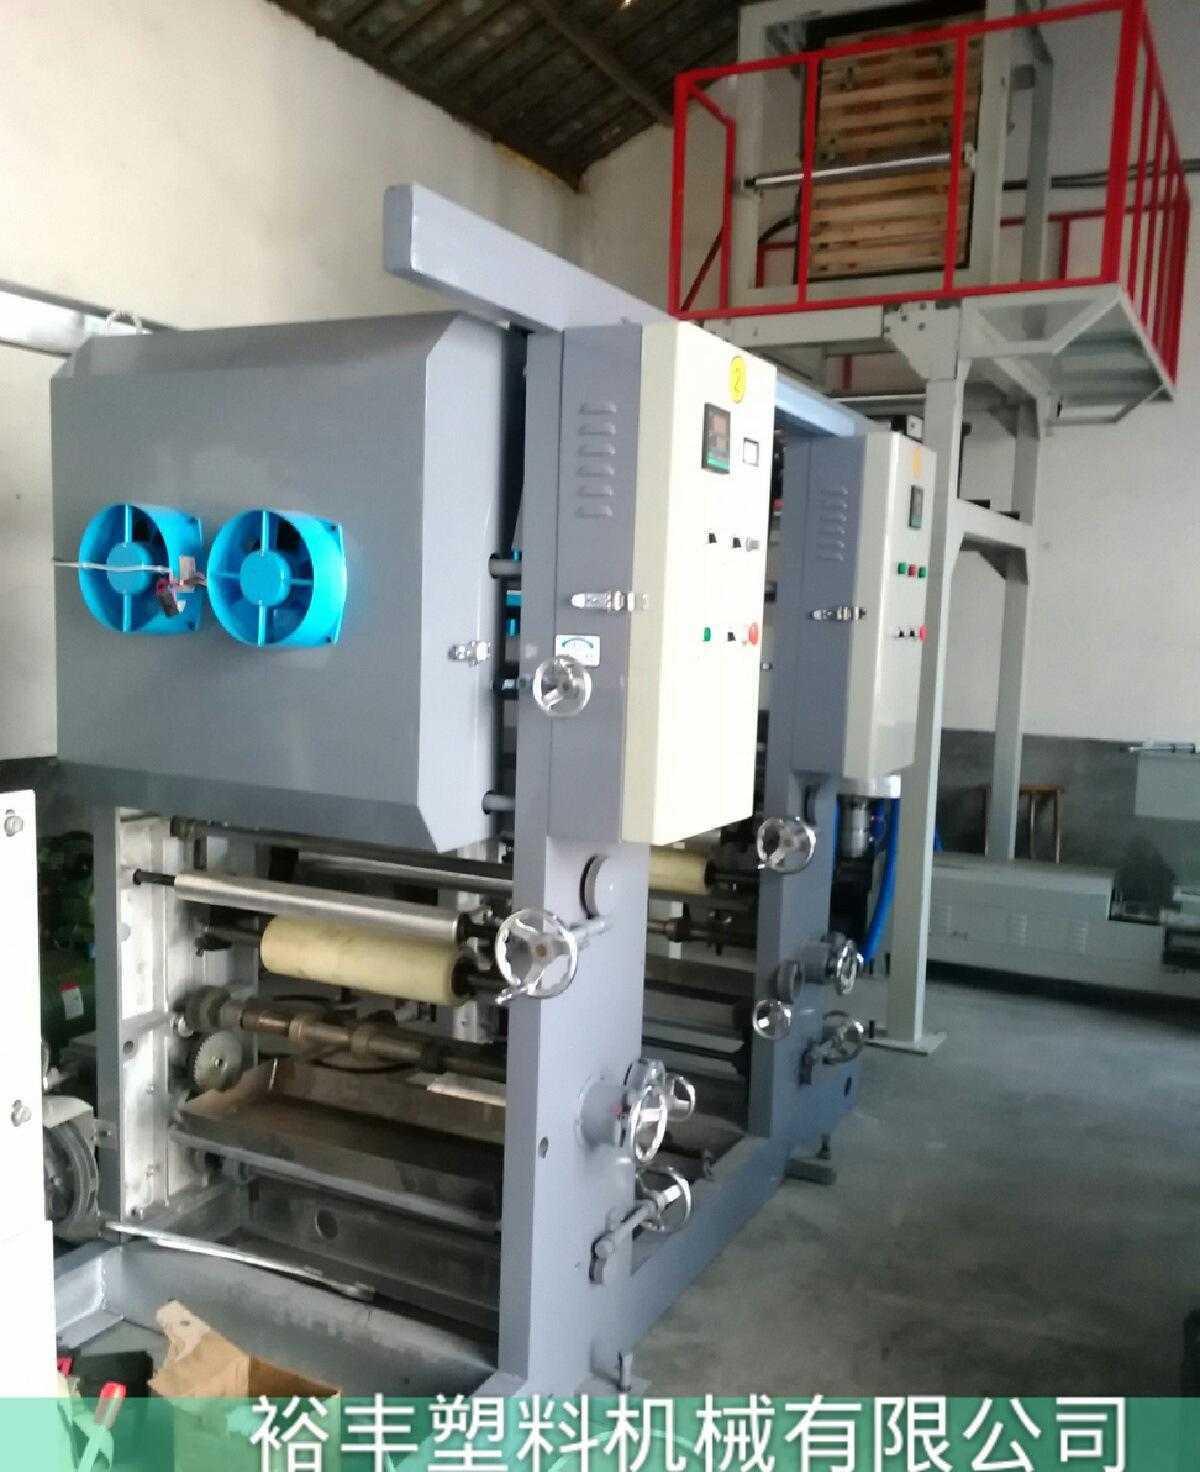 吹膜印刷一体机,吹膜机,印刷机,pe再生料吹膜机 免费安装培